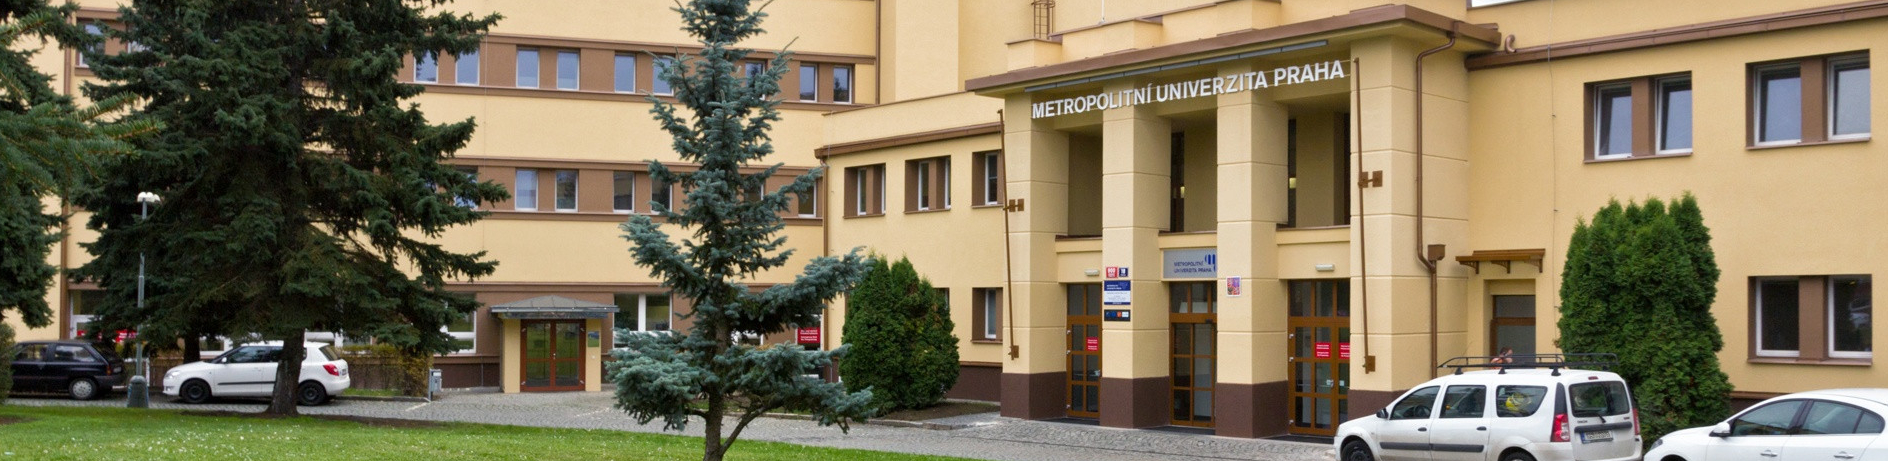 метропольный университет